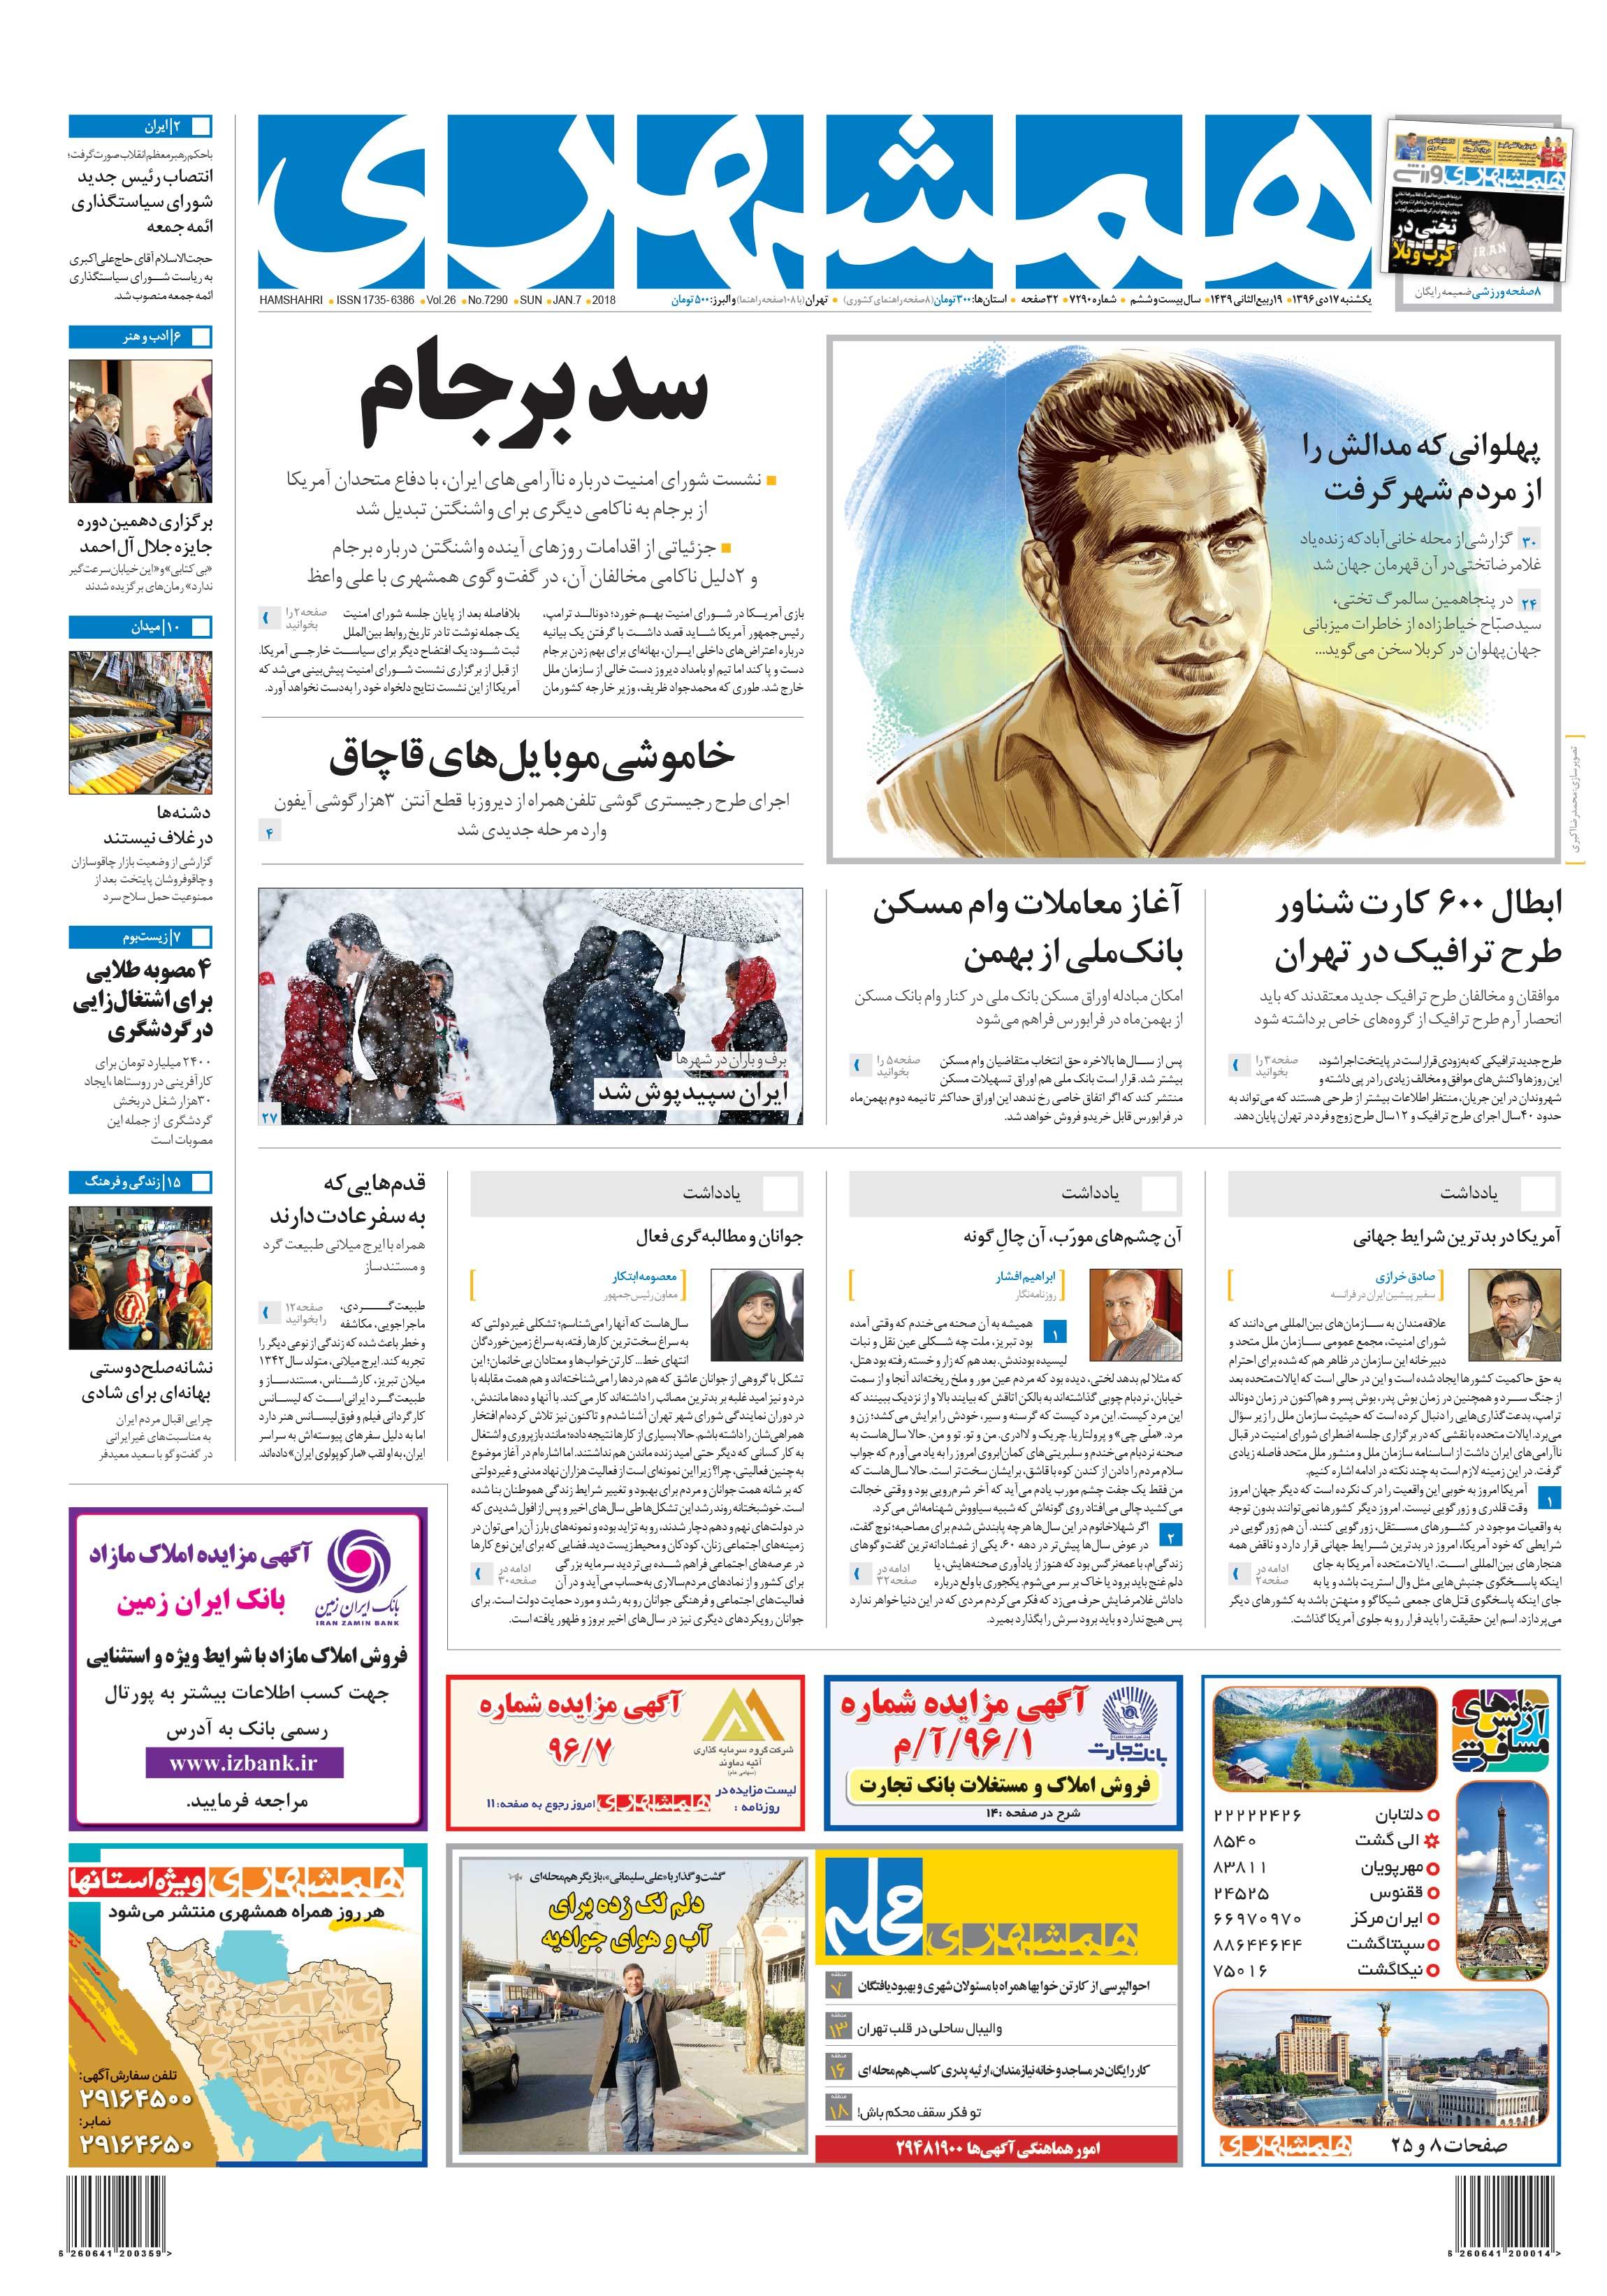 صفحه اول یکشنبه 17 دیماه 1396